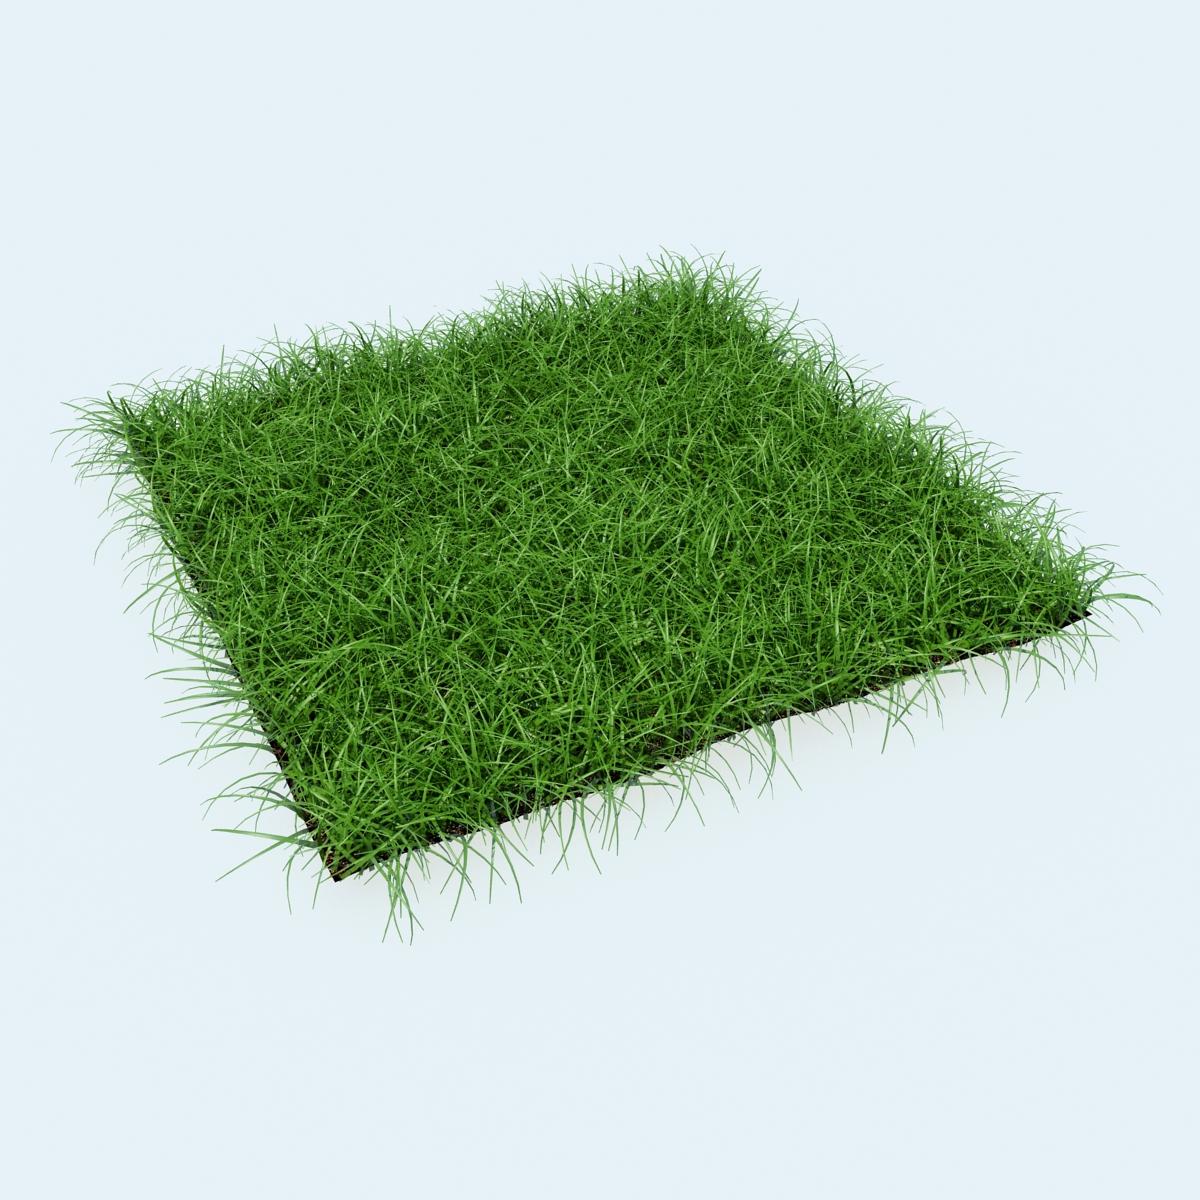 DOSCH DESIGN - DOSCH 3D: Grass